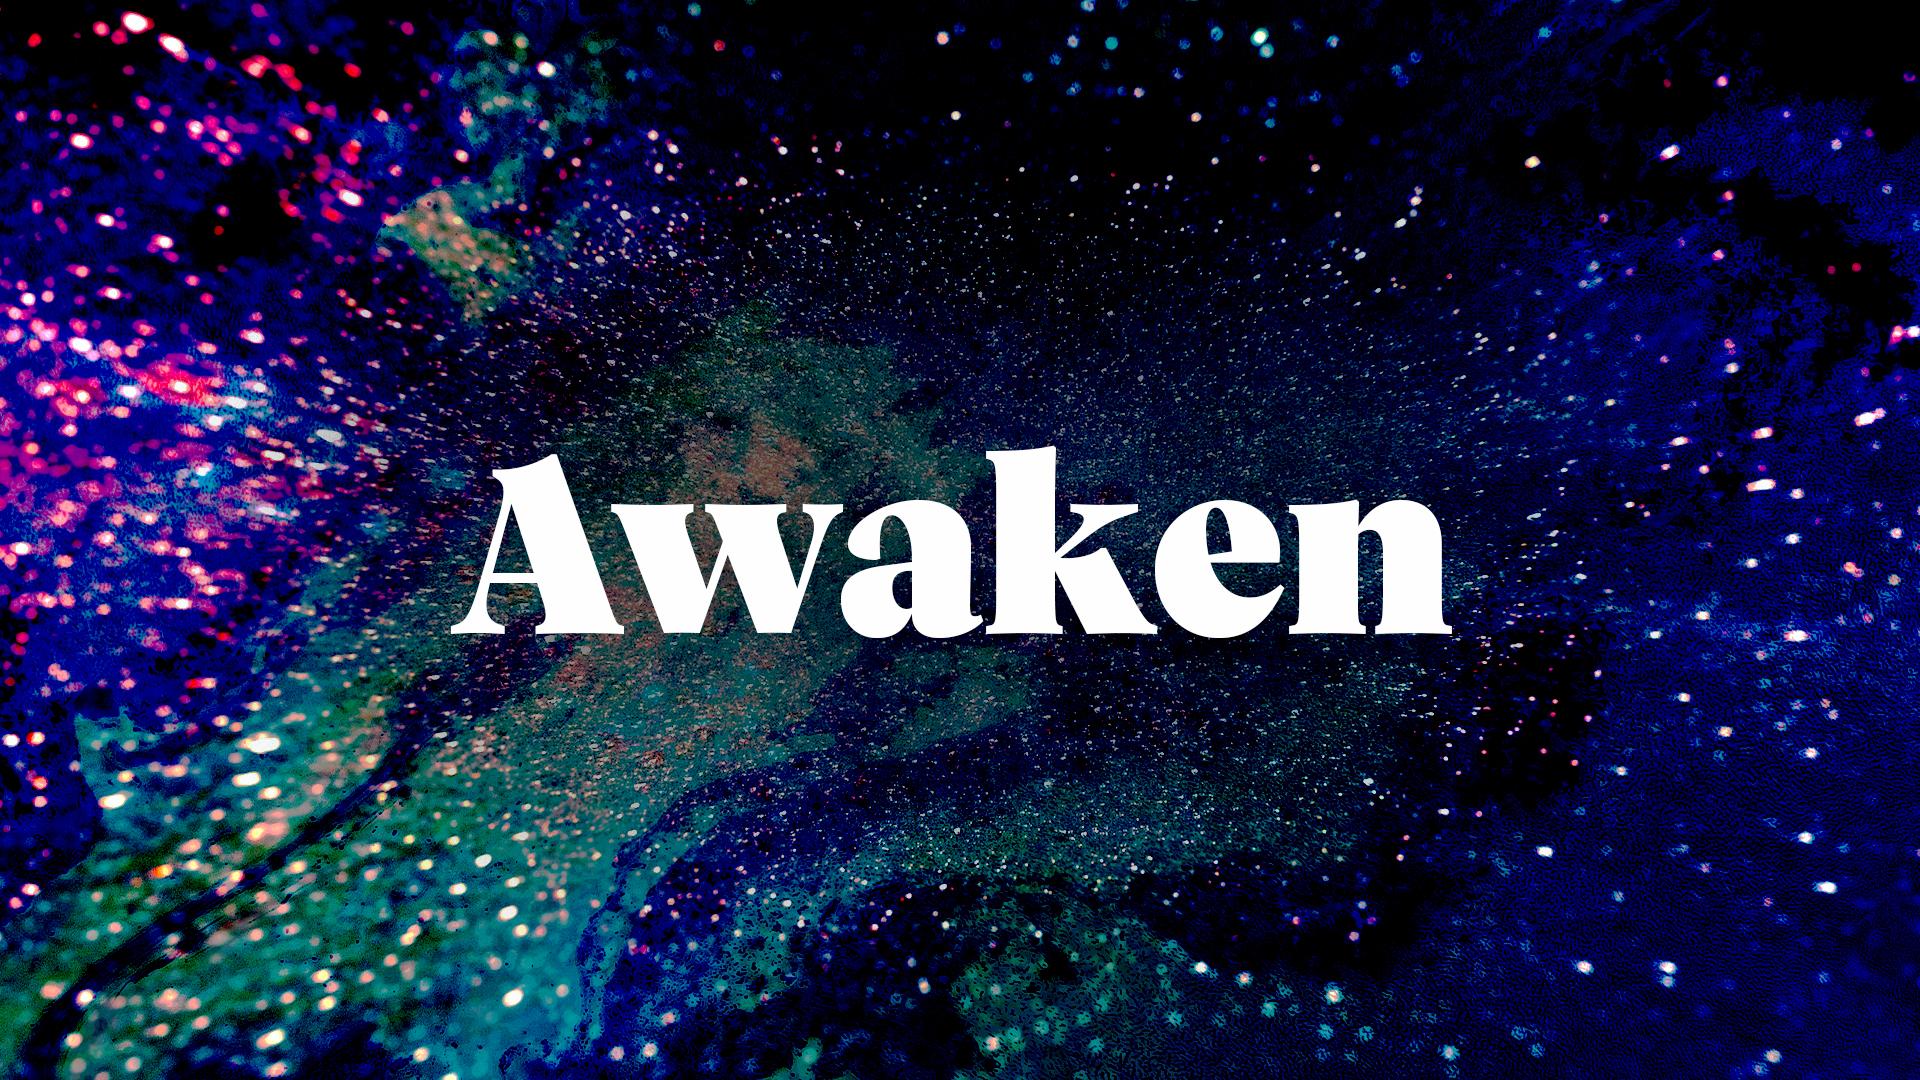 The Awaken Season